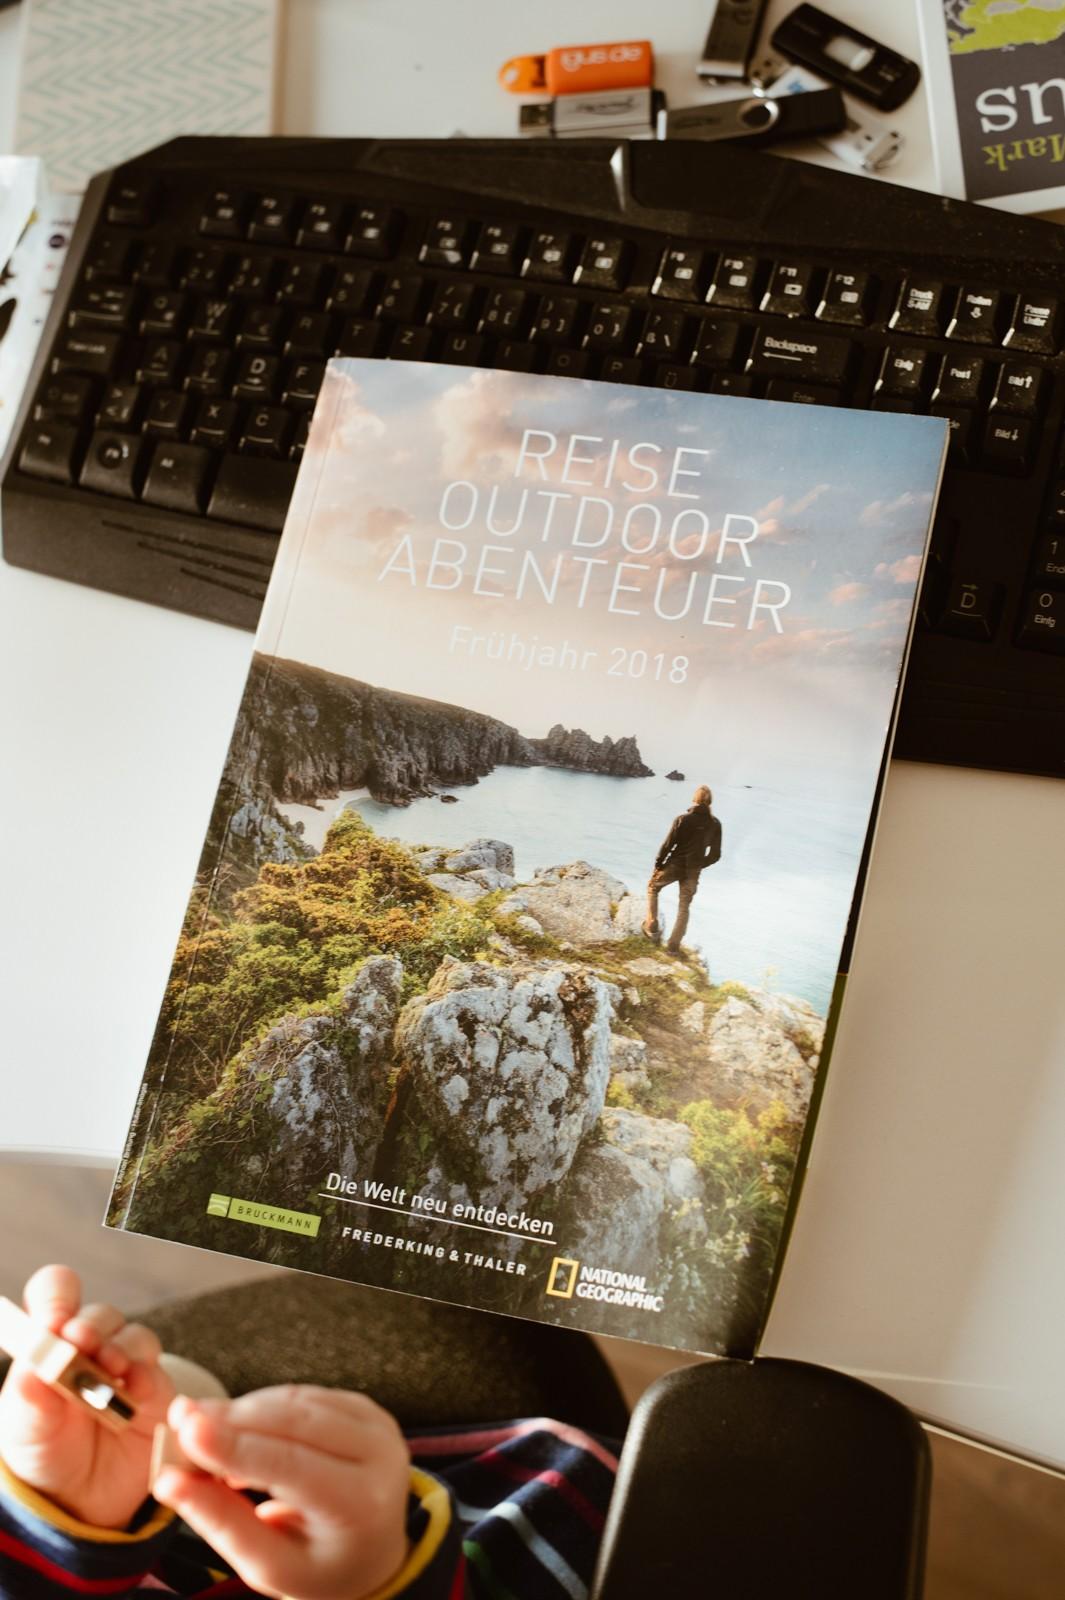 Frederking & Thaler Catalog 2018, Michael Runkel